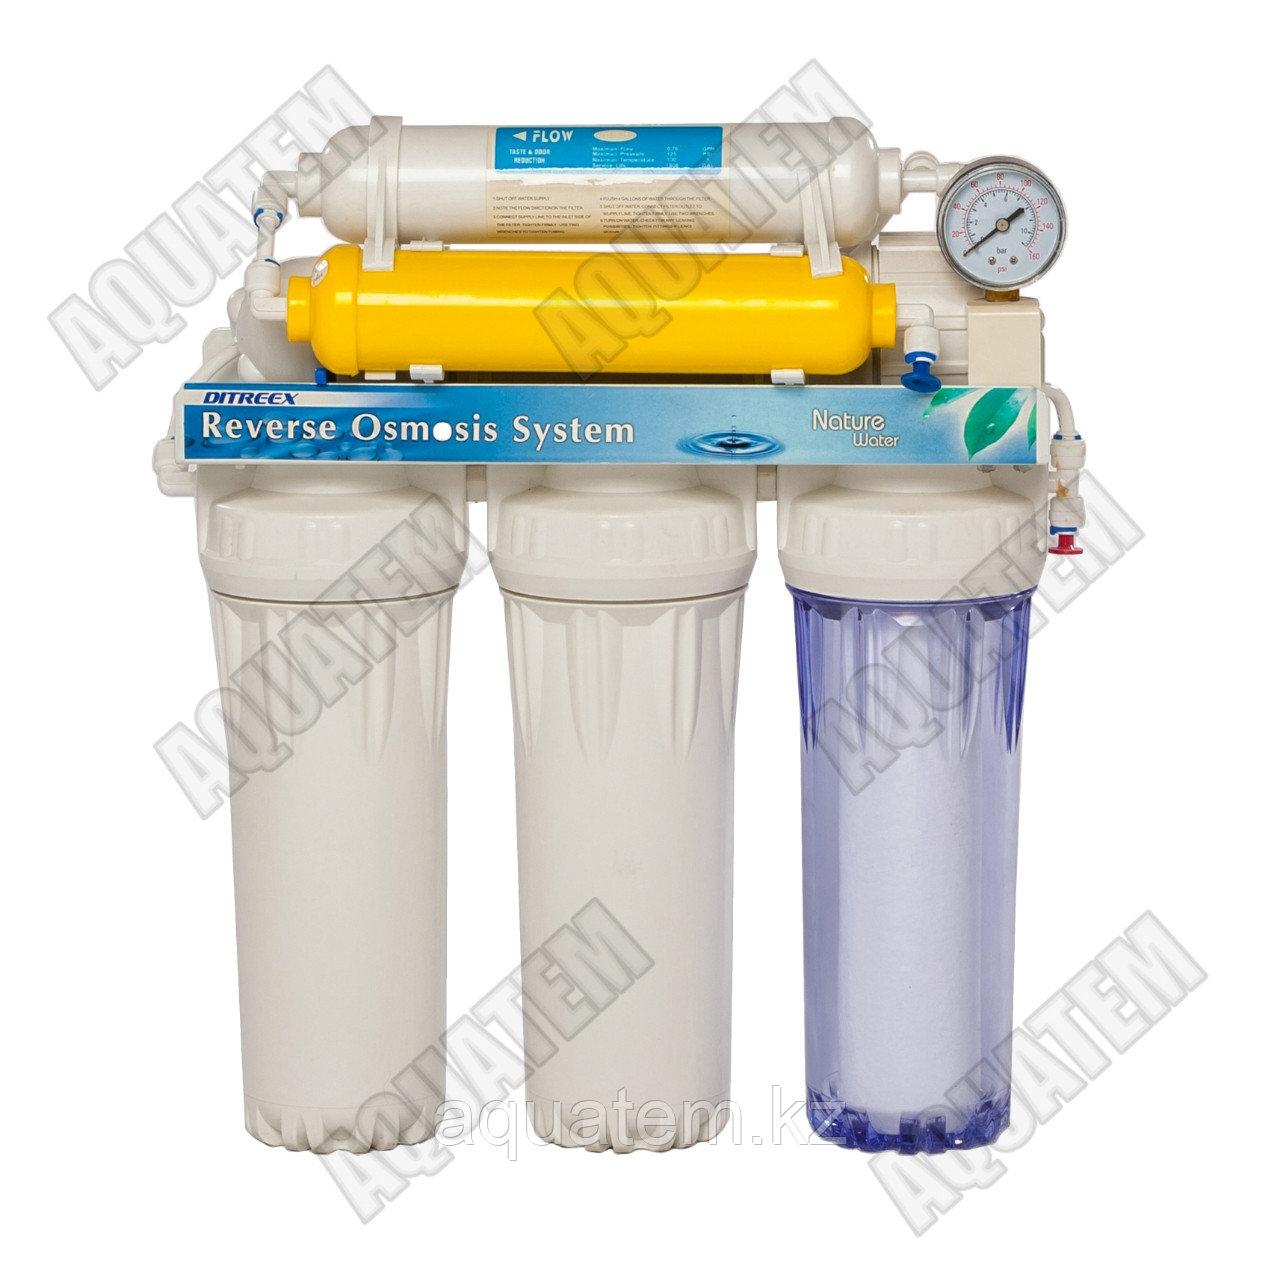 Фильтр для воды обратного осмоса DITREEX RO50NP36